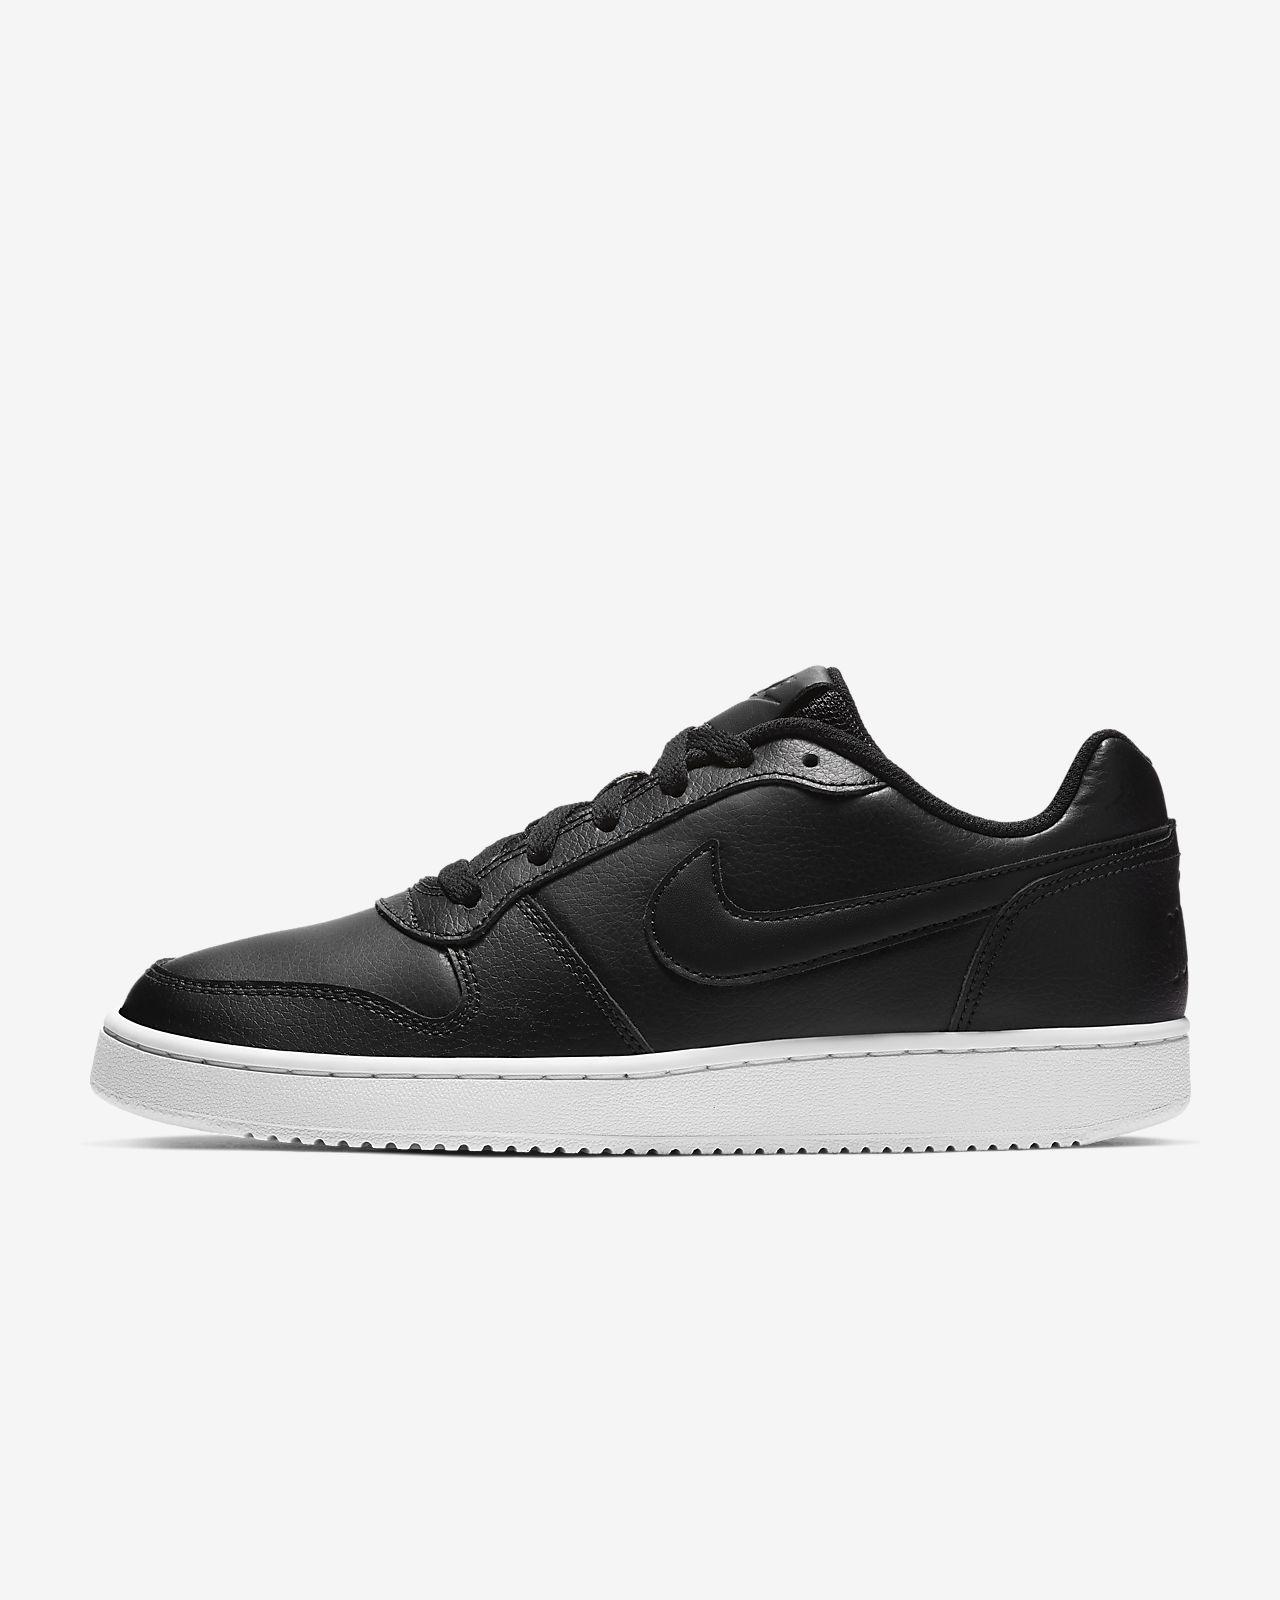 Nike Ebernon Low Kadın Ayakkabısı